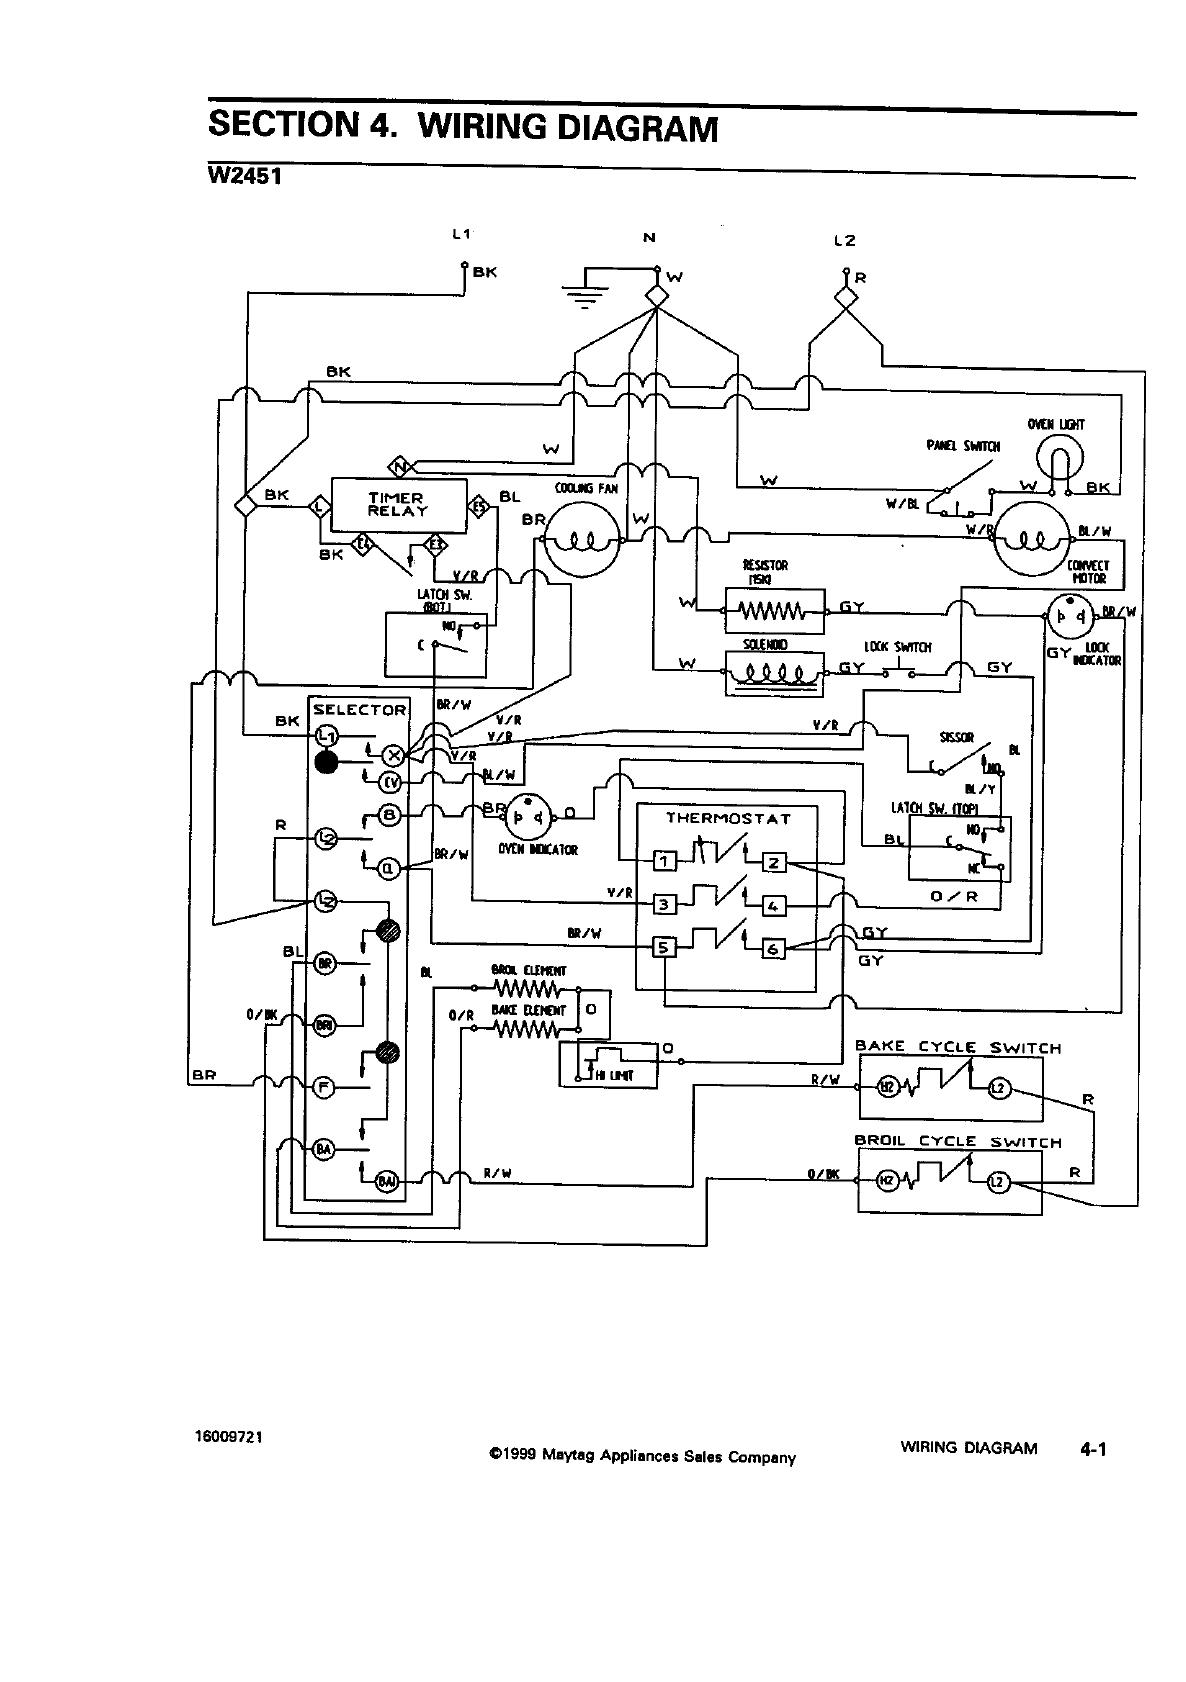 Jenn Air Cooktop Wiring Diagram